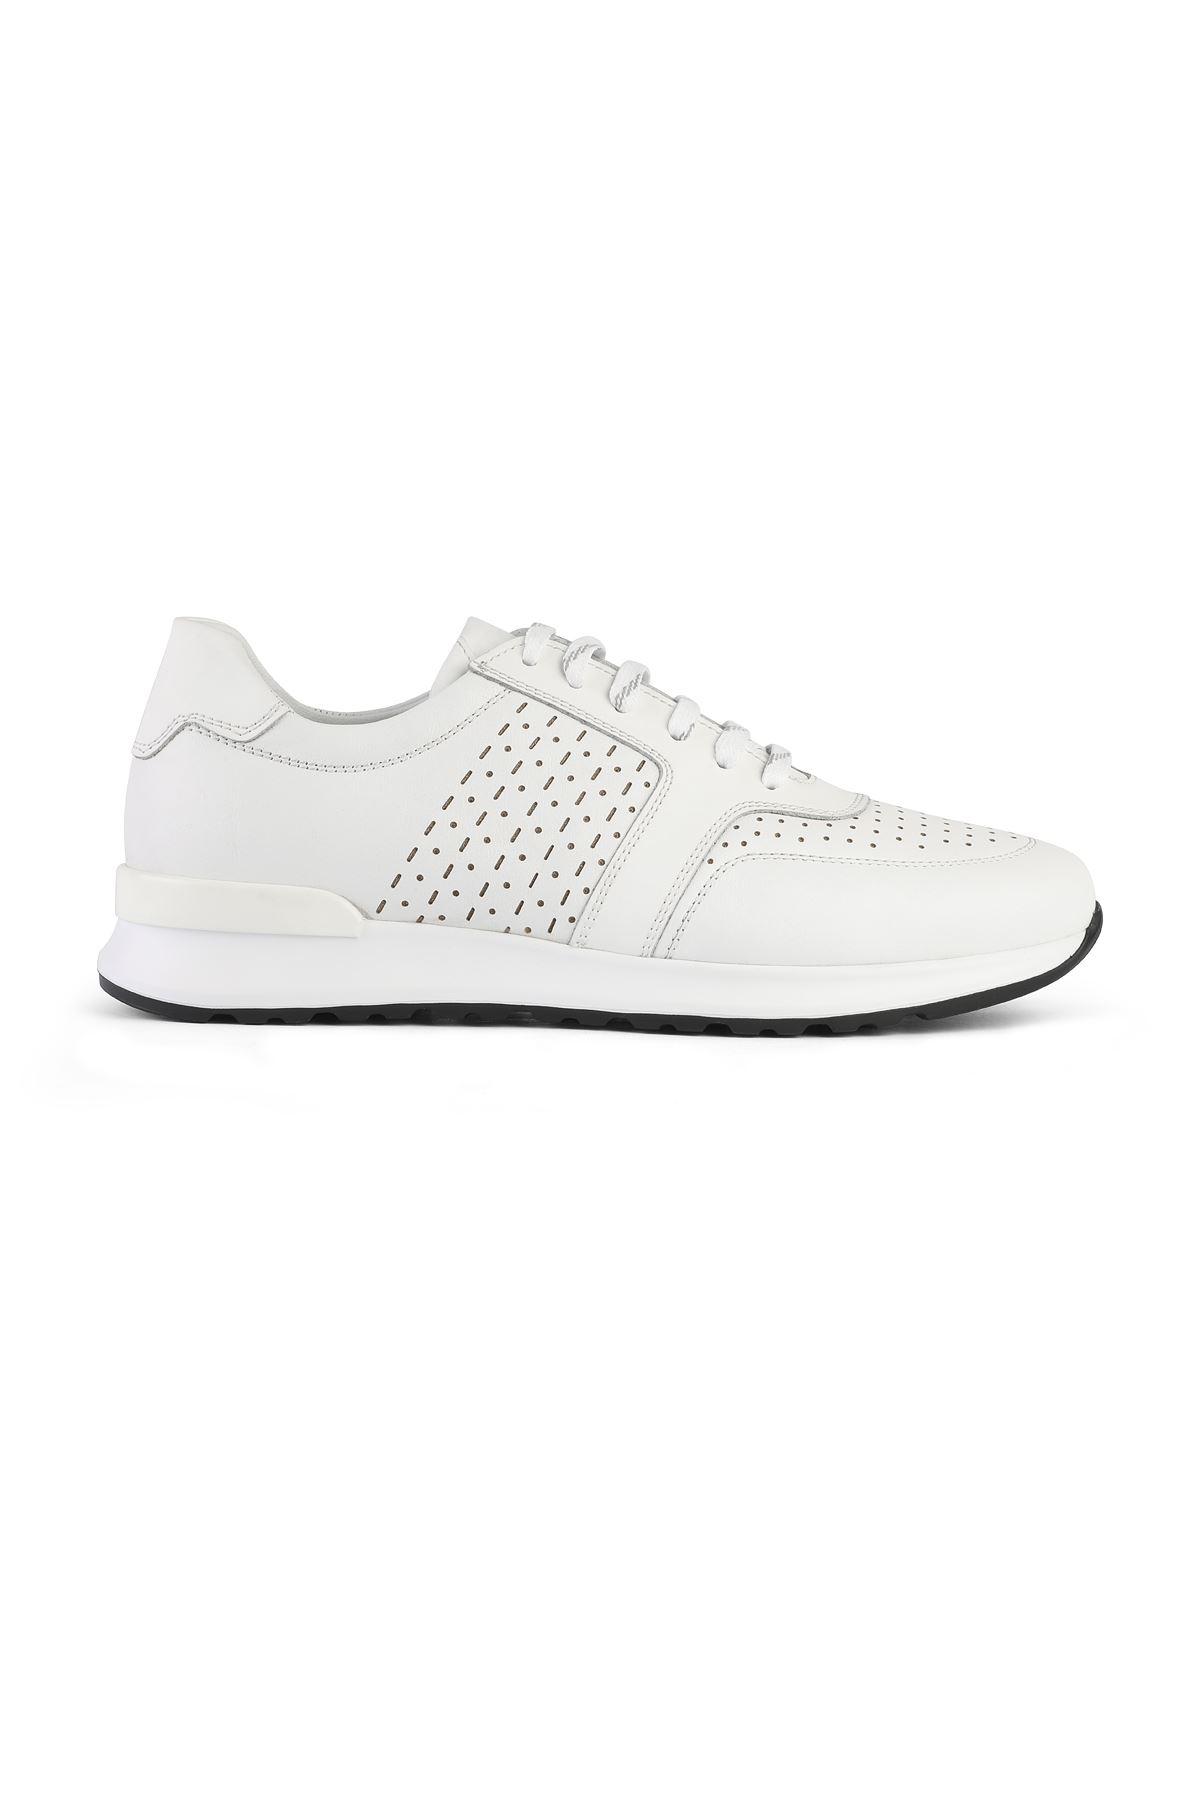 Libero 3416 White Sports Shoes